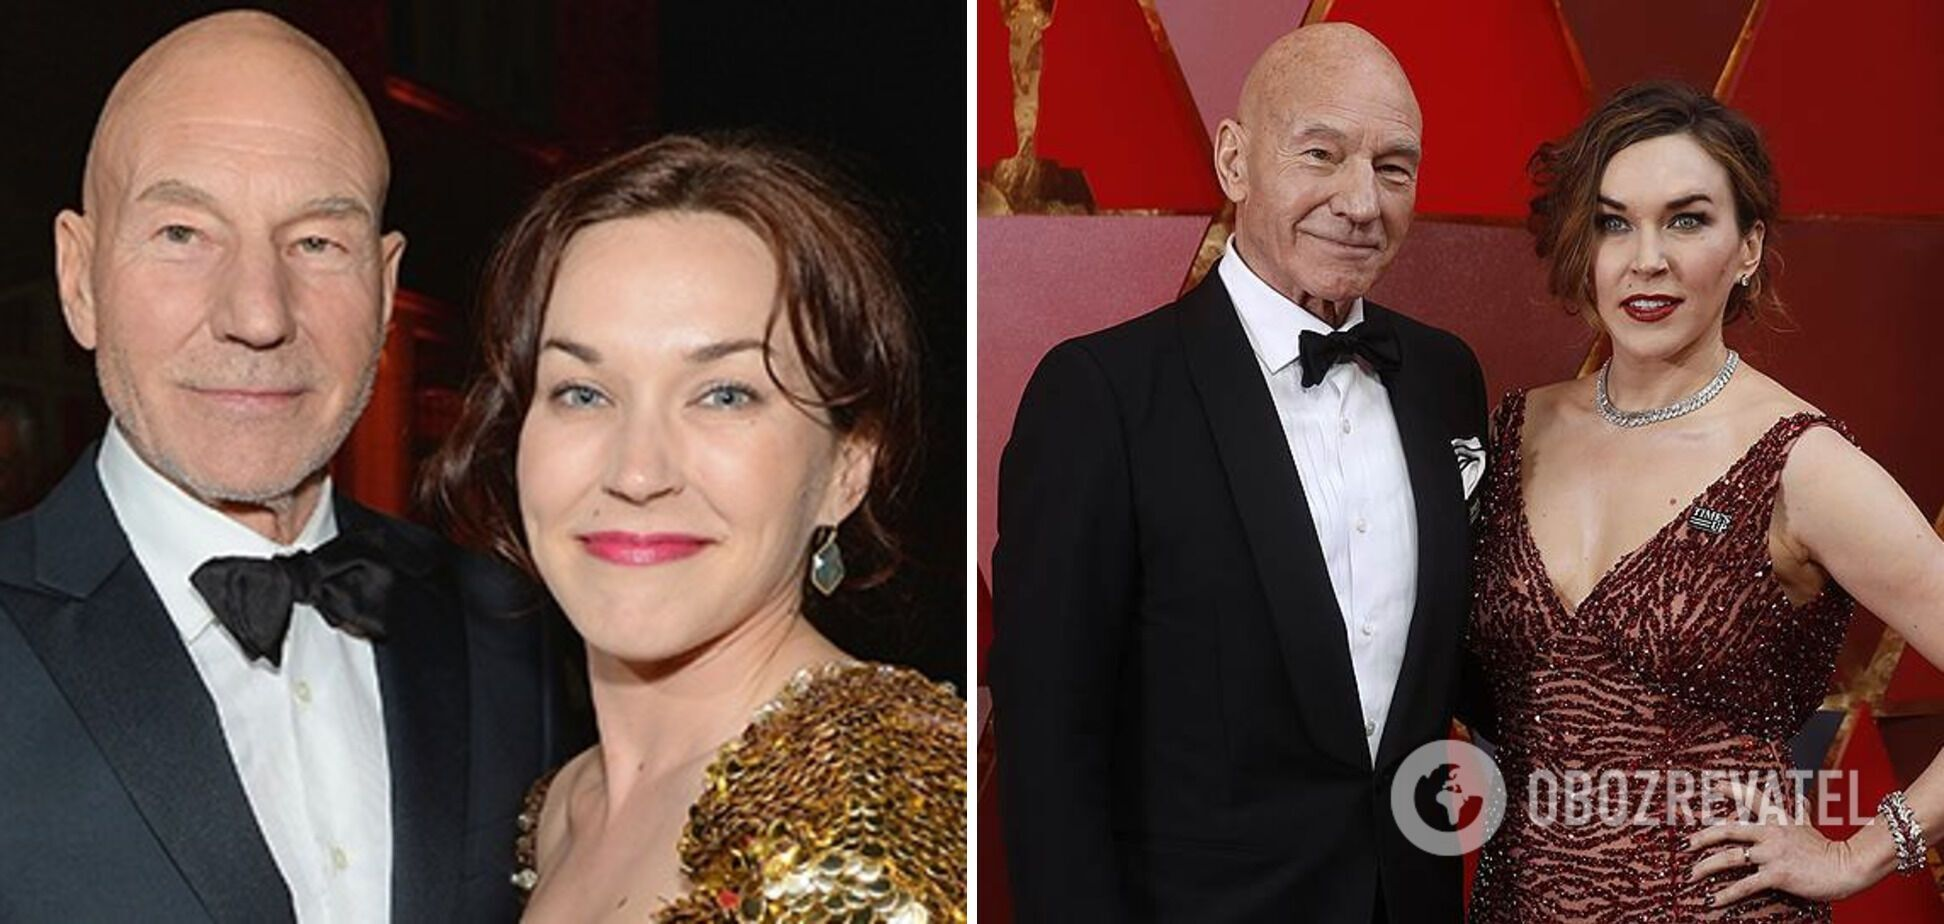 Патрик Стюарт и Санни Озелл с разницей в возрасте 37 лет.